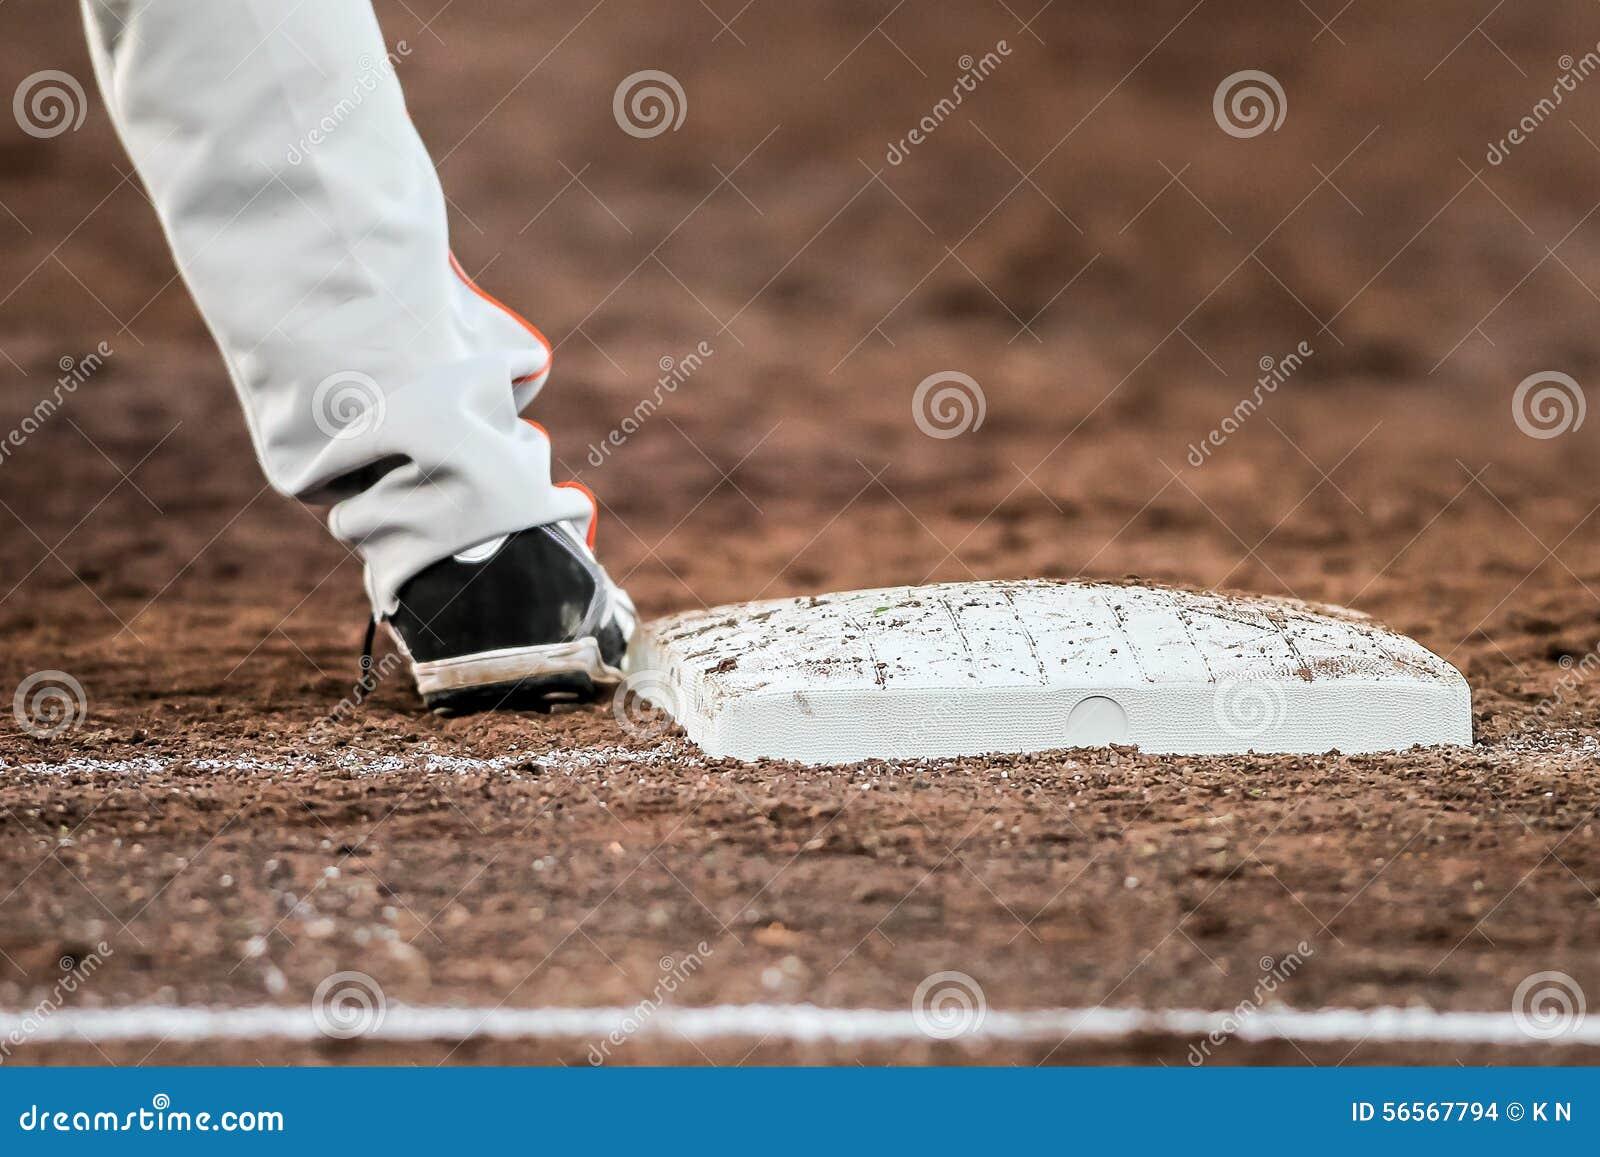 Download Παίχτης του μπέιζμπολ με είναι πόδια σχετικά με το πιάτο βάσεων Στοκ Εικόνες - εικόνα από infield, αθλητισμού: 56567794